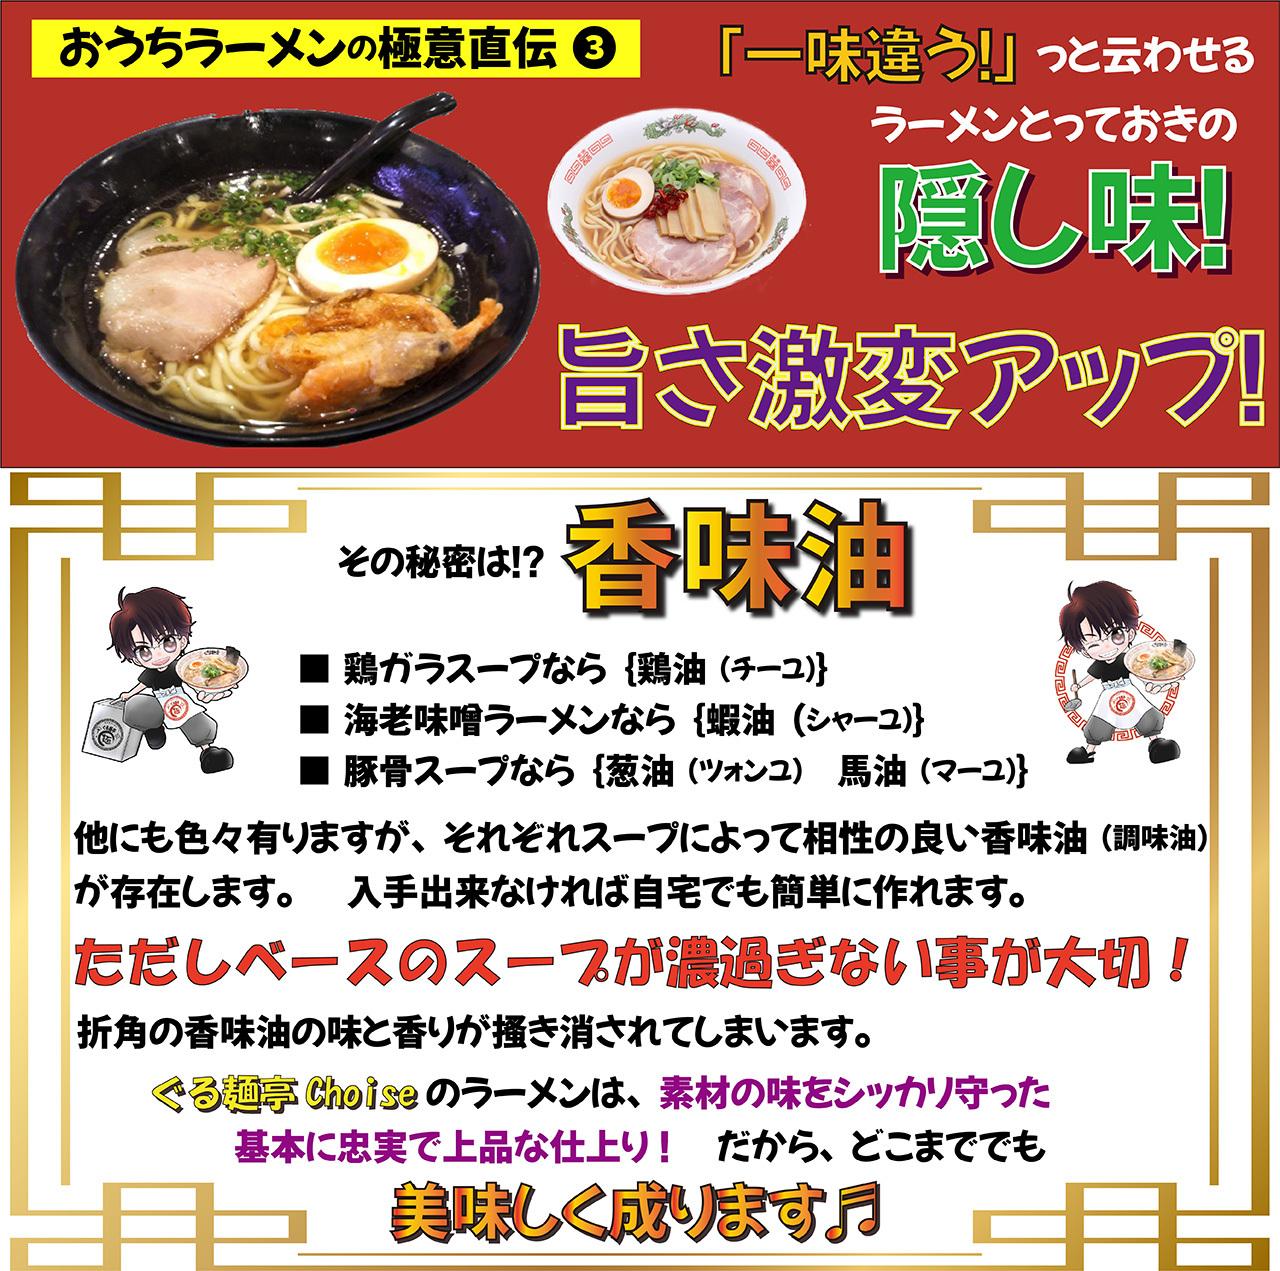 静岡:焼津港 まぐろラーメン 常温保存 生麺 2食(スープ付き)【送料無料】 ぐる麺亭choice